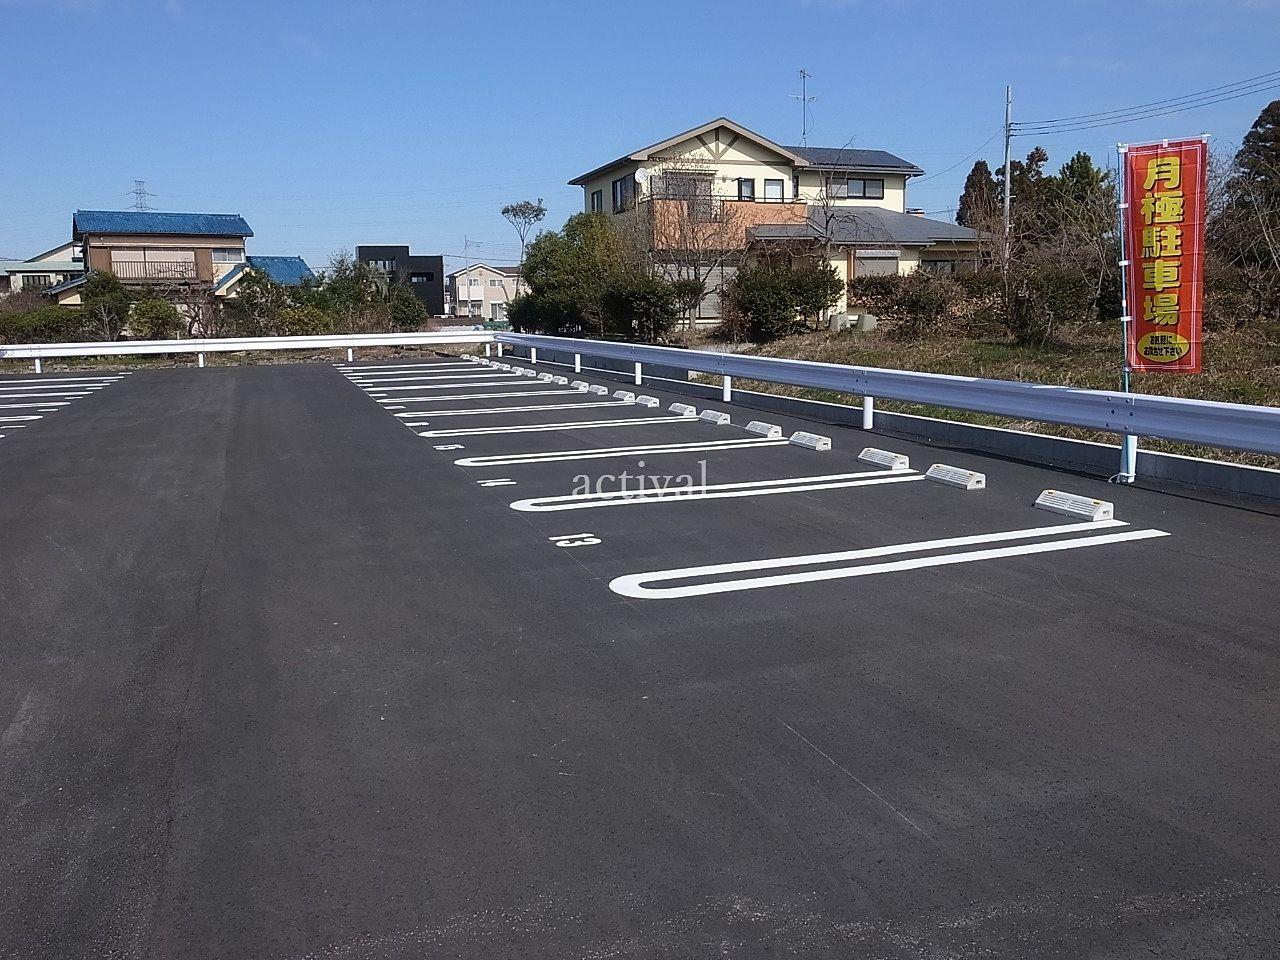 越谷市川柳町にある月極駐車場の川柳町第1駐車場の総台数は22台です。